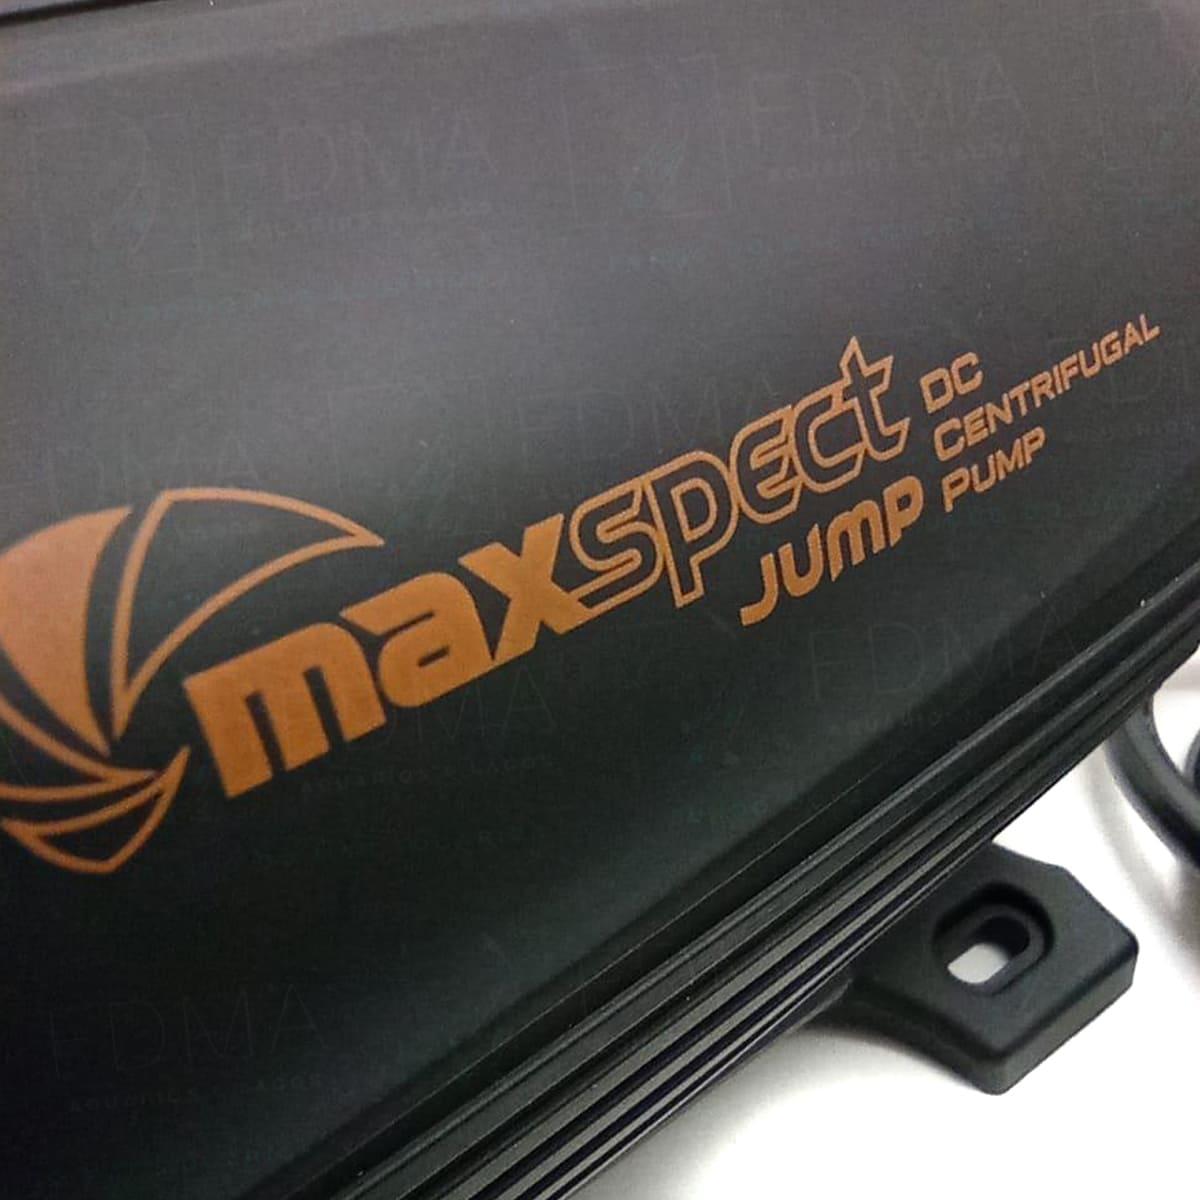 Maxspect MJ-DC 6K Bomba de Retorno DC c/ Controle - Bivolt